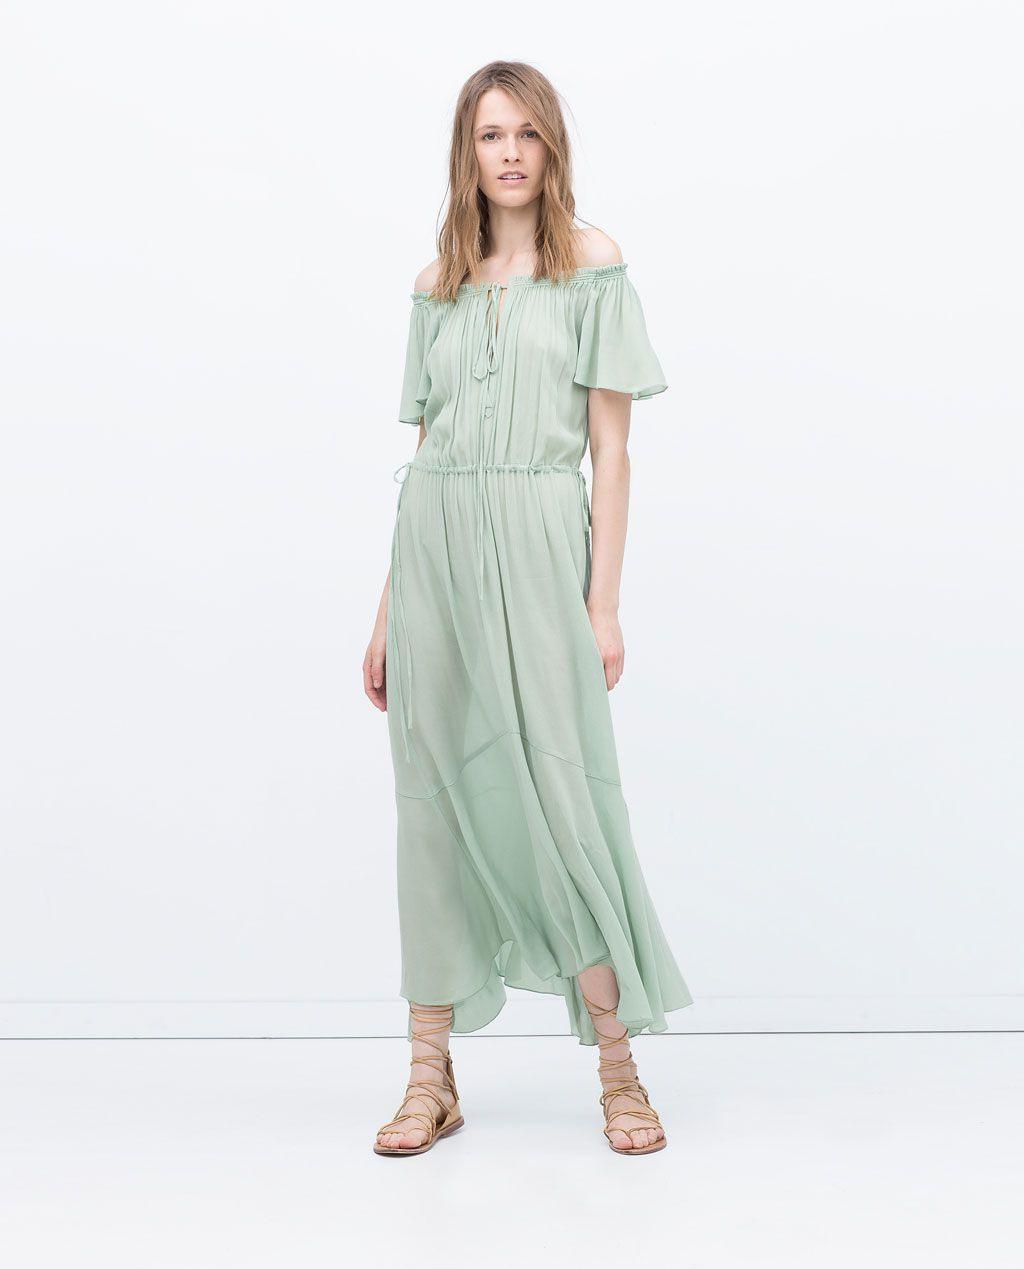 17 Luxus Zara Abendkleid Galerie13 Luxus Zara Abendkleid für 2019